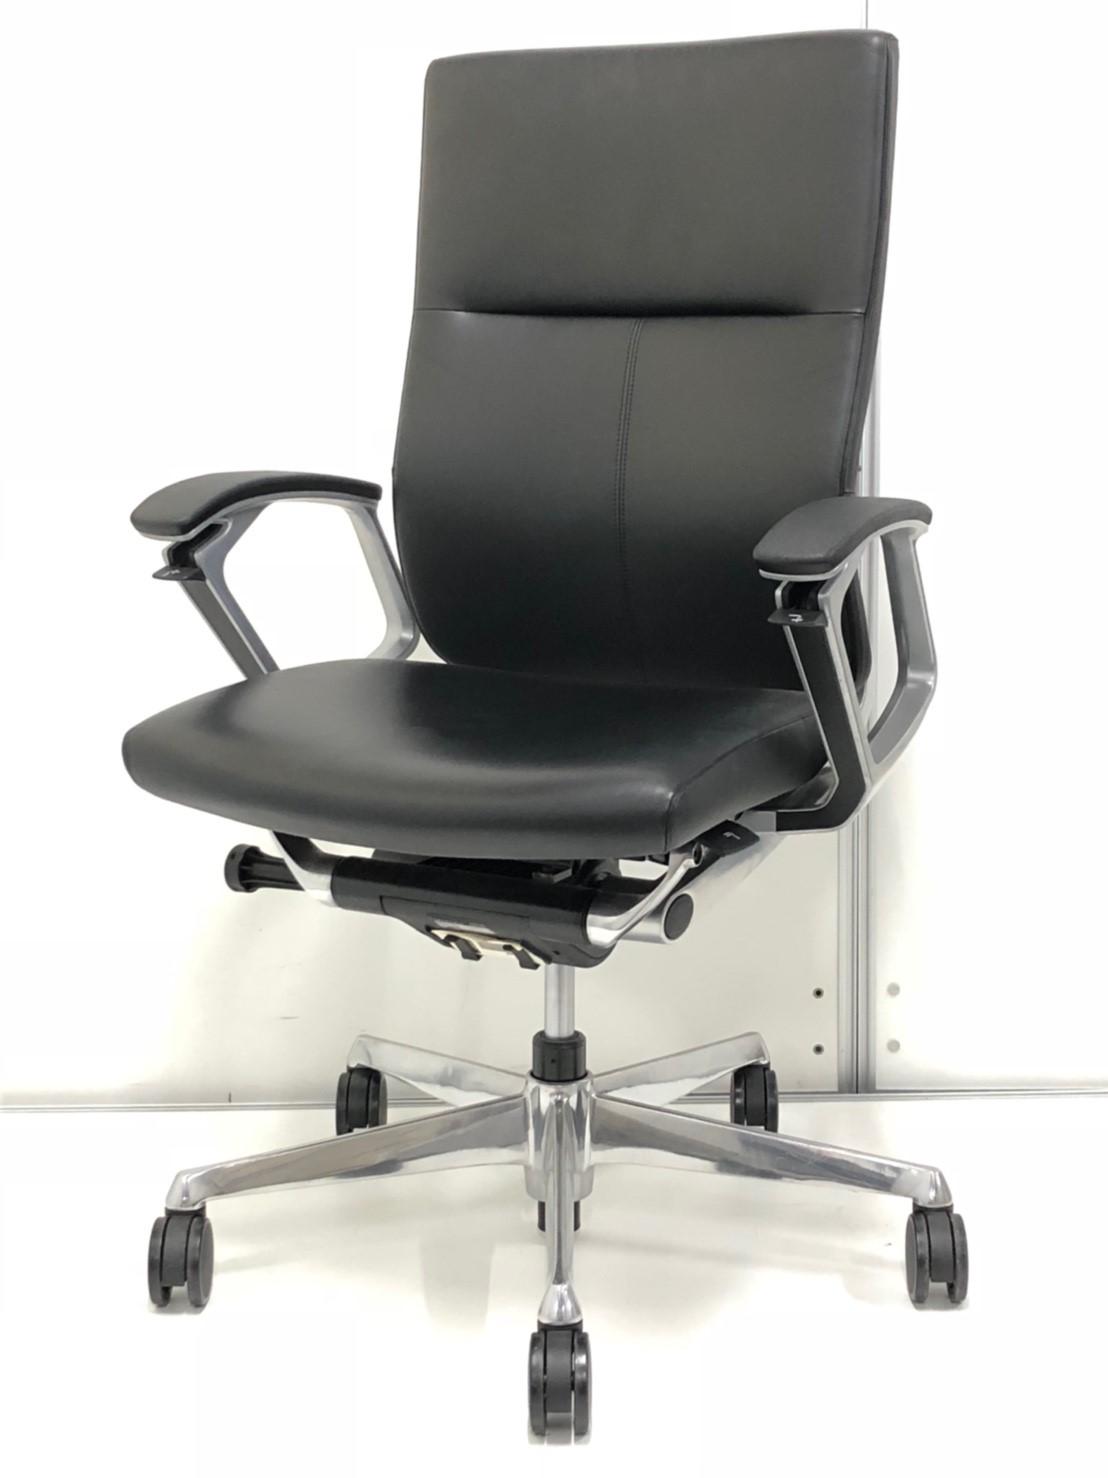 【革張り製の重厚感あふれるチェア】役員様用や、会議室でのご使用にいかがでしょうか?